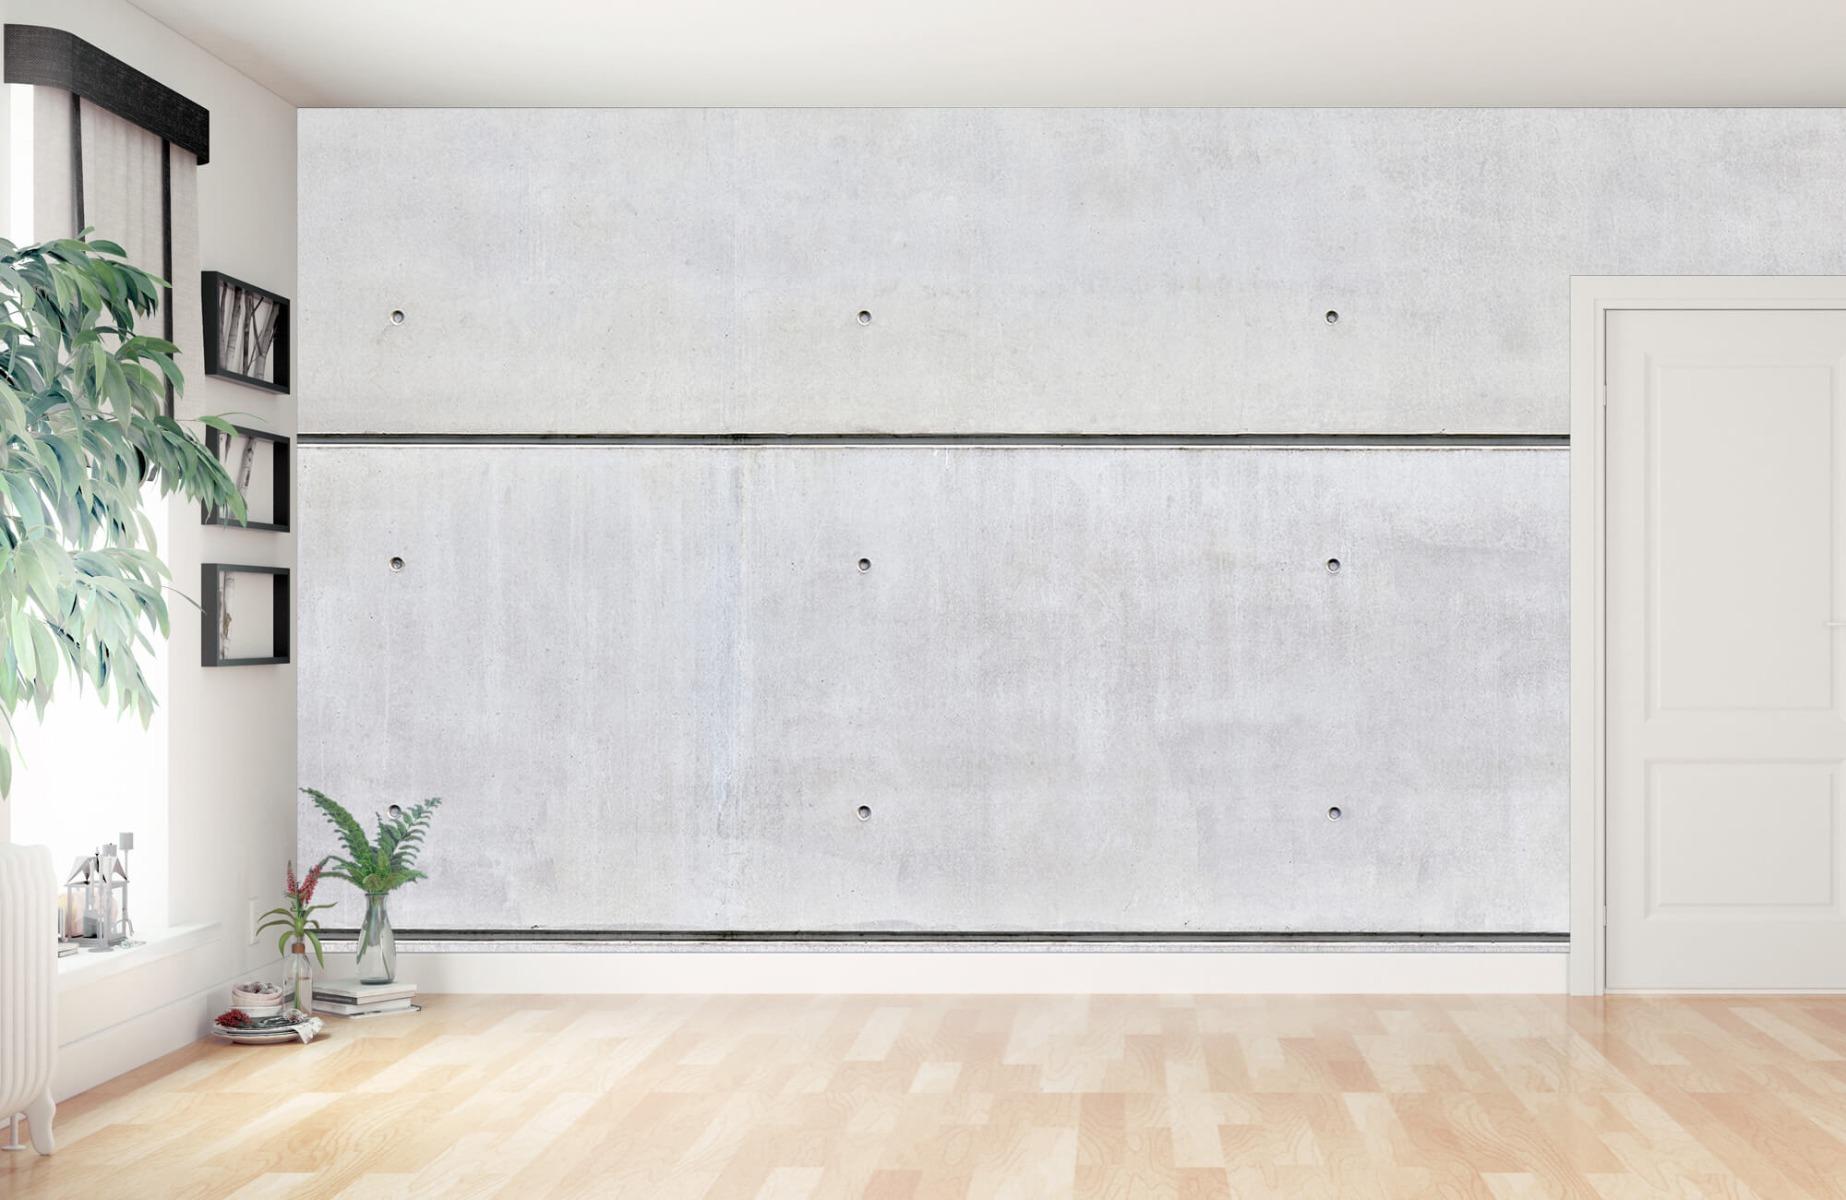 Betonlook behang - Horizontaal beton - Wallexclusive - Vergaderruimte 11